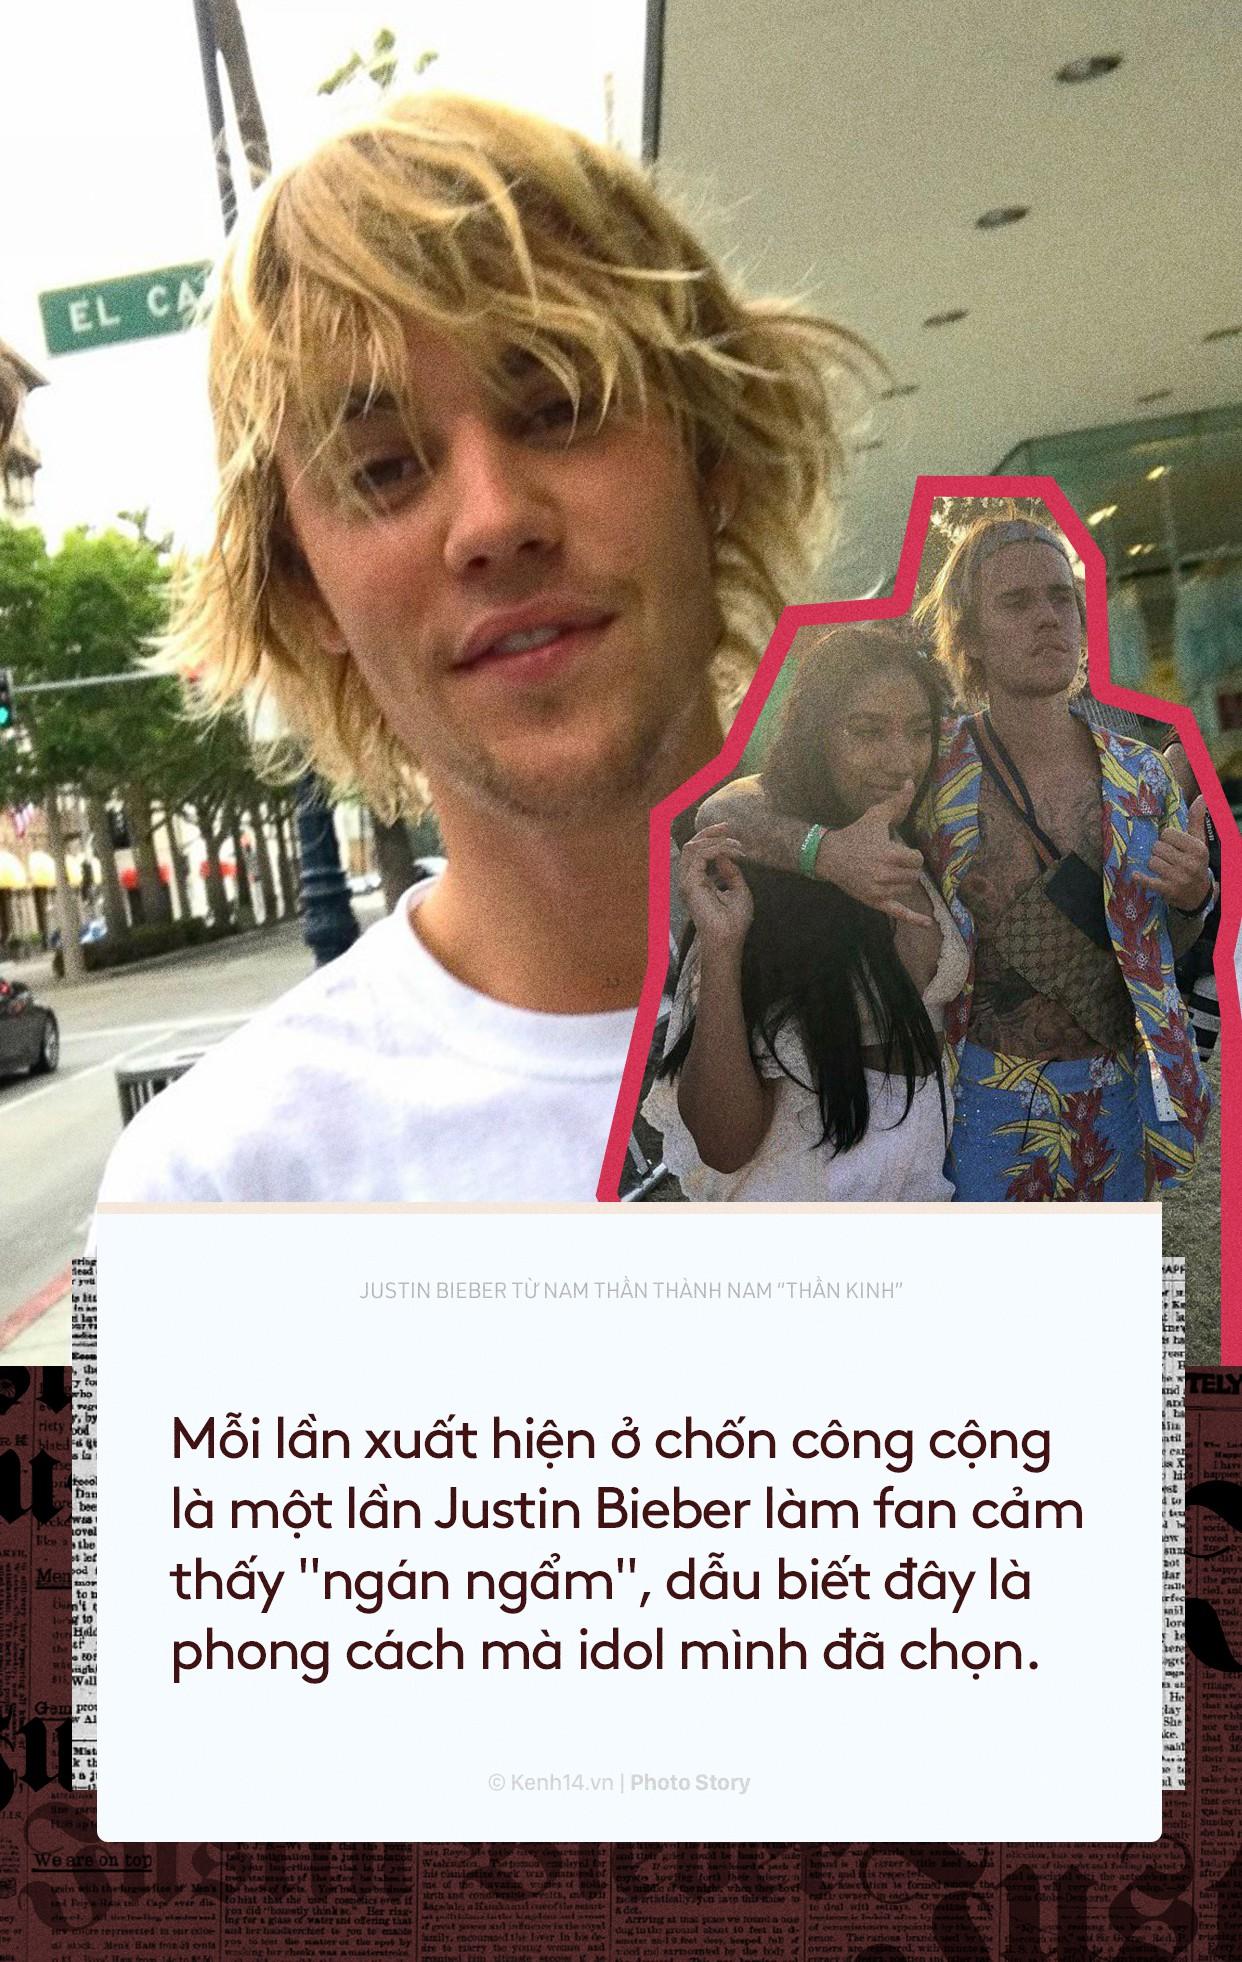 Nếu có ước muốn cho cuộc đời này, hãy nhớ ước muốn cho Justin Bieber đẹp trai trở lại - Ảnh 19.